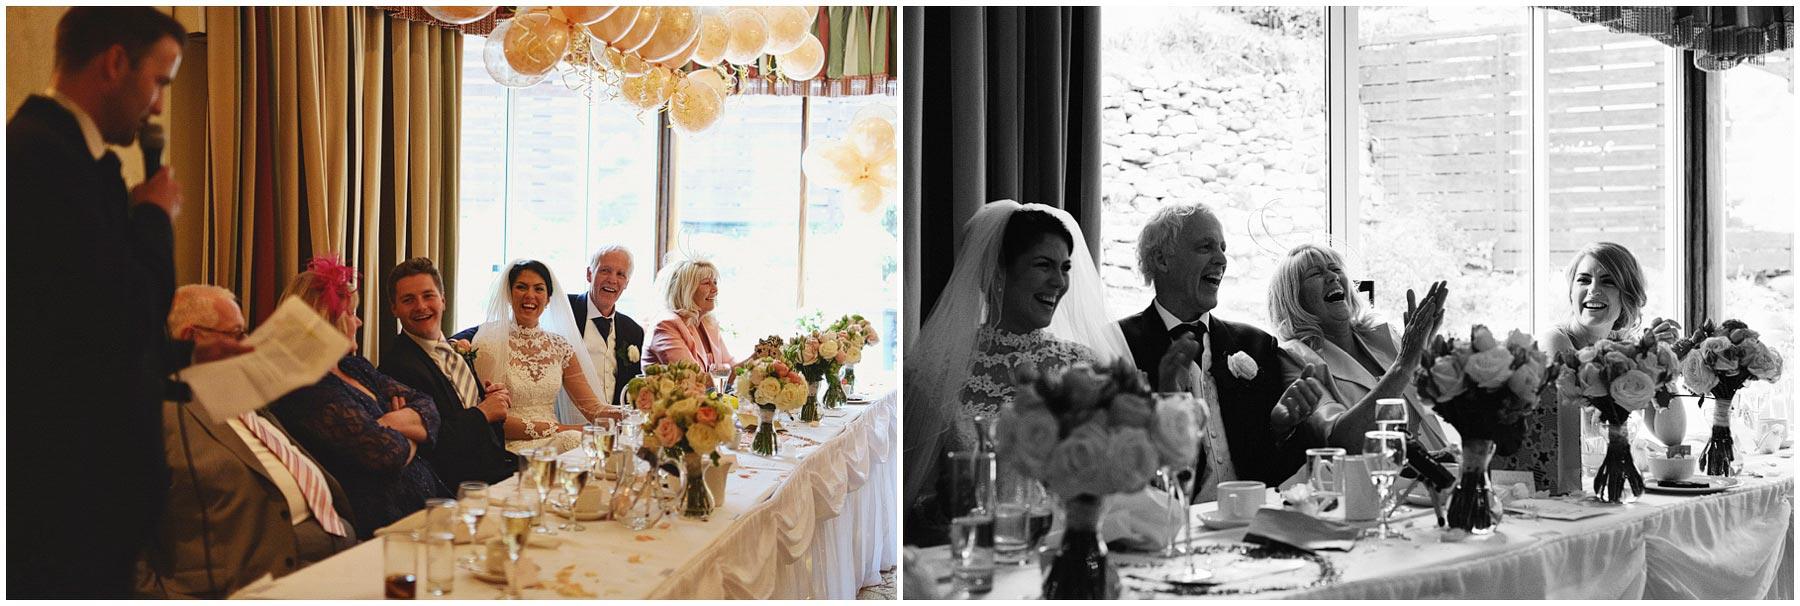 Wentbridge-House-Wedding-Photography-120